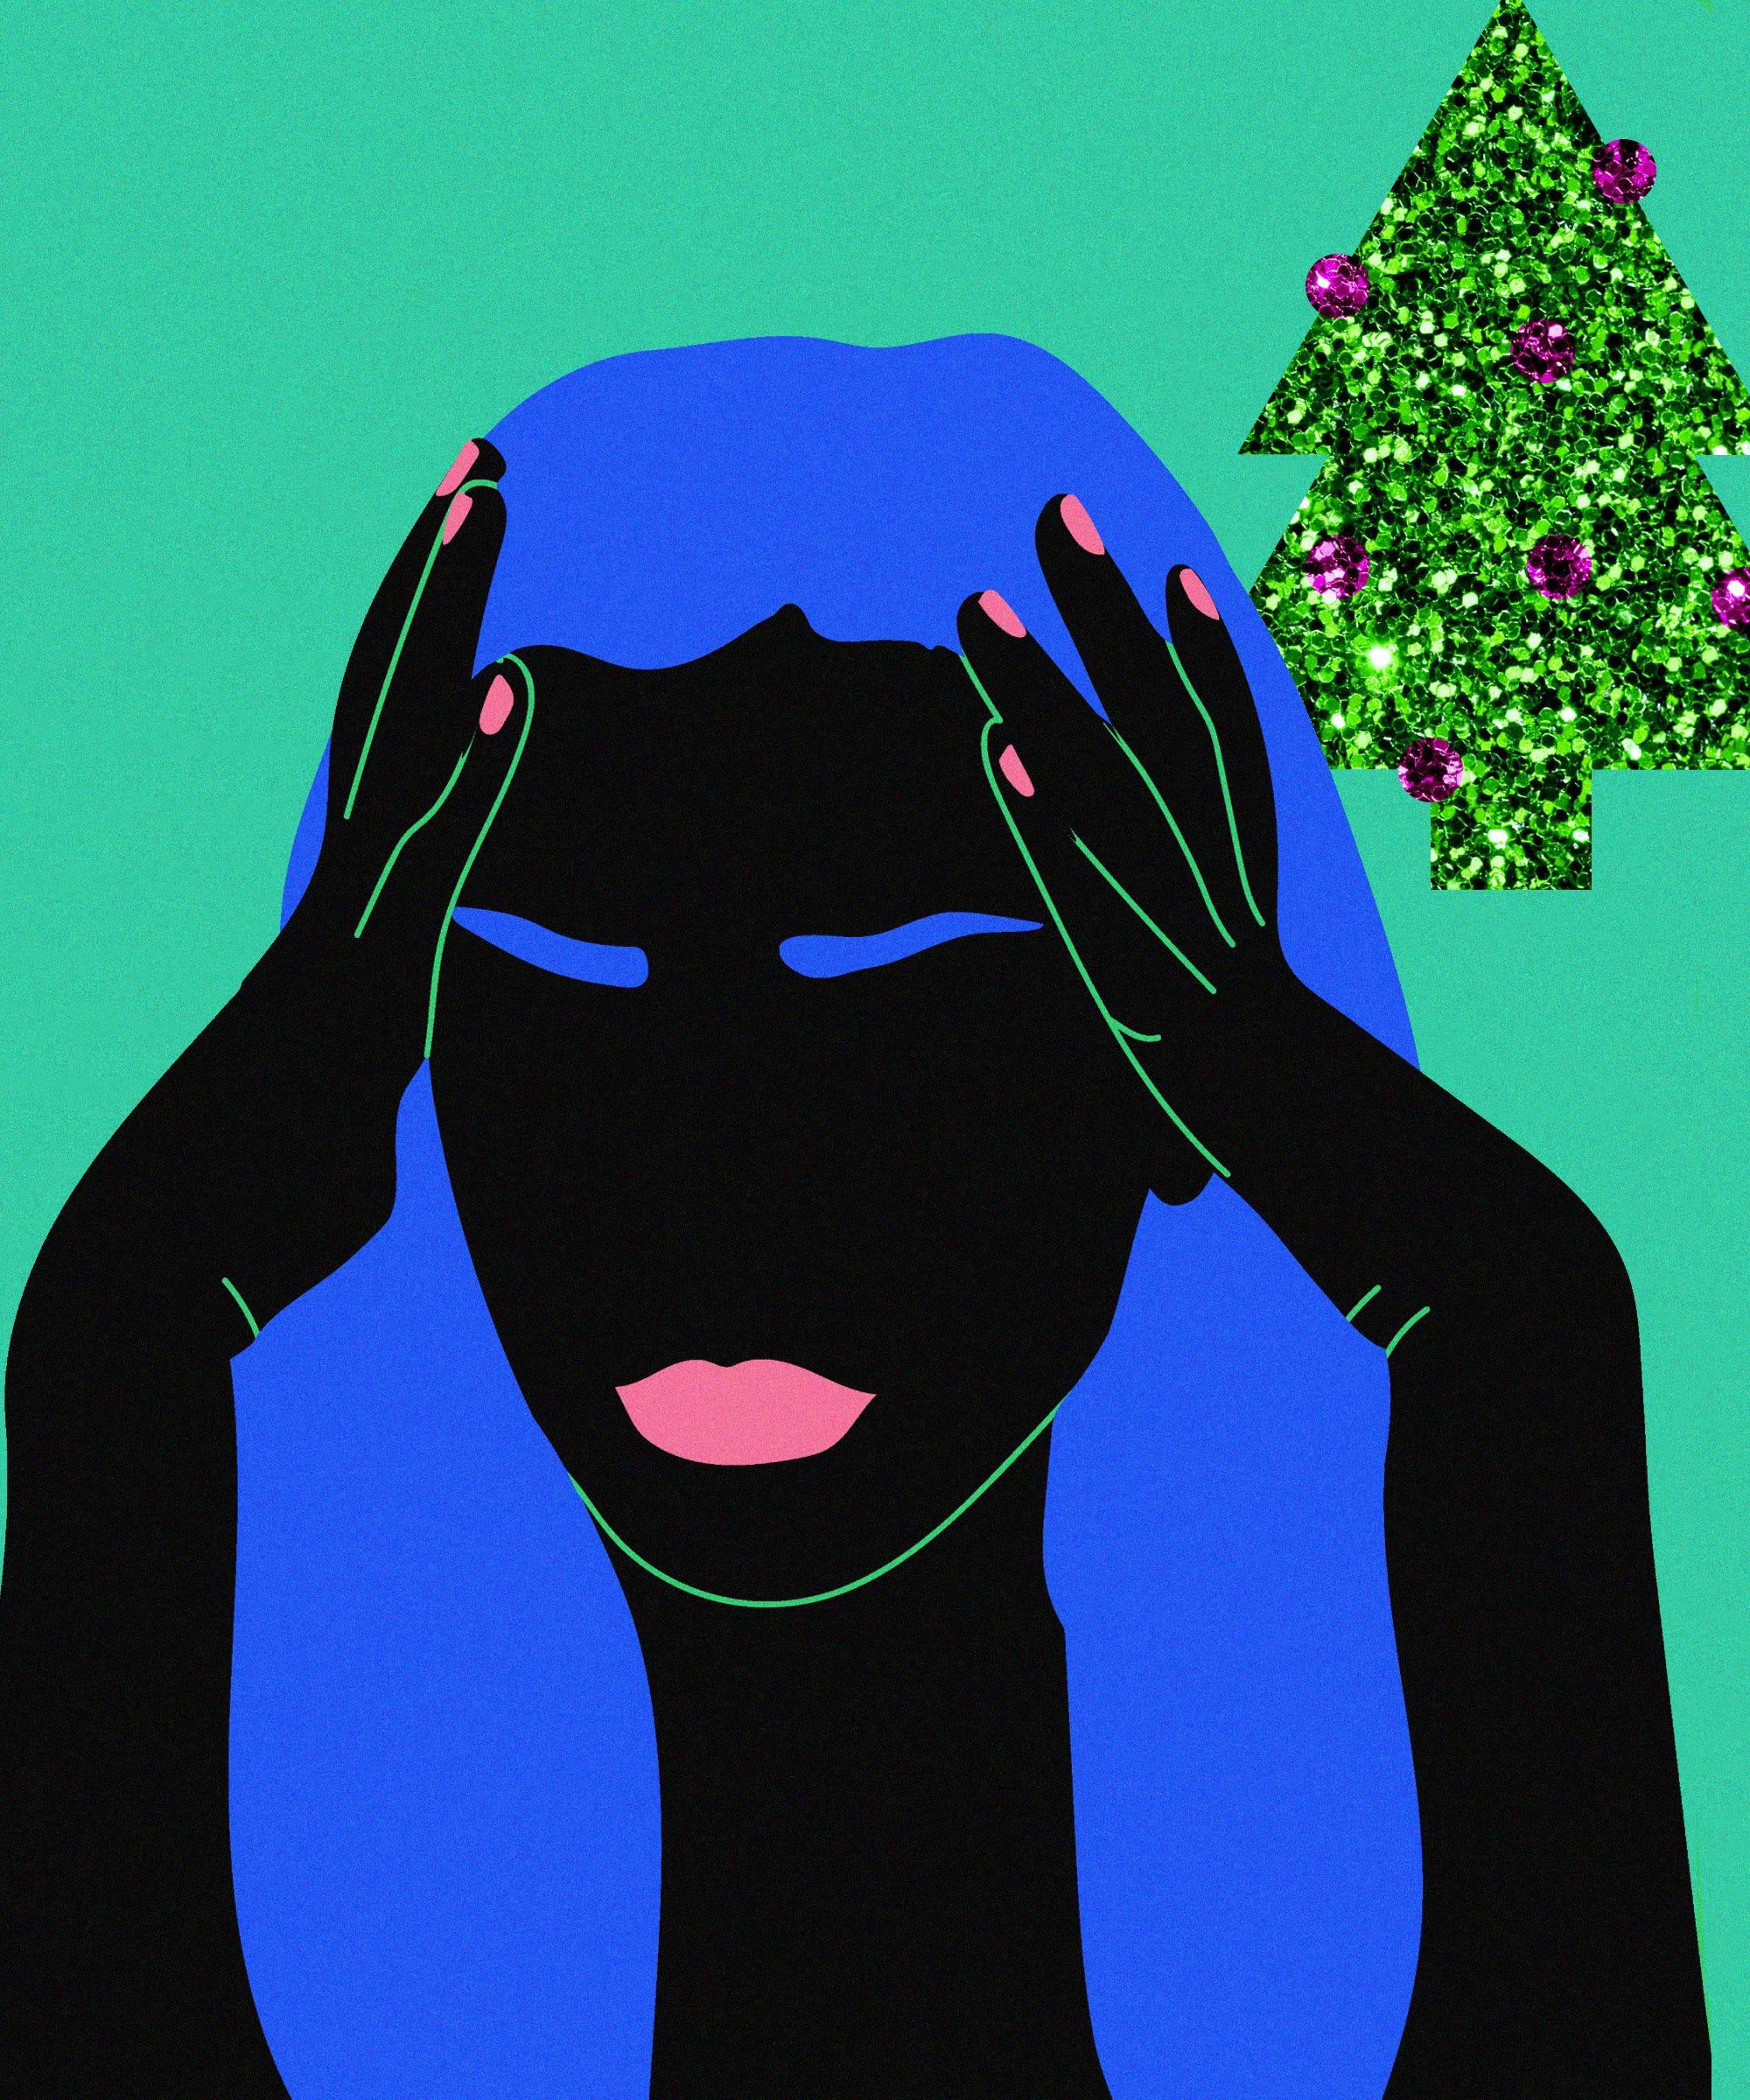 Psychische Krankheiten haben keine Ferien: Weihnachten mit meiner depressiven Mutter